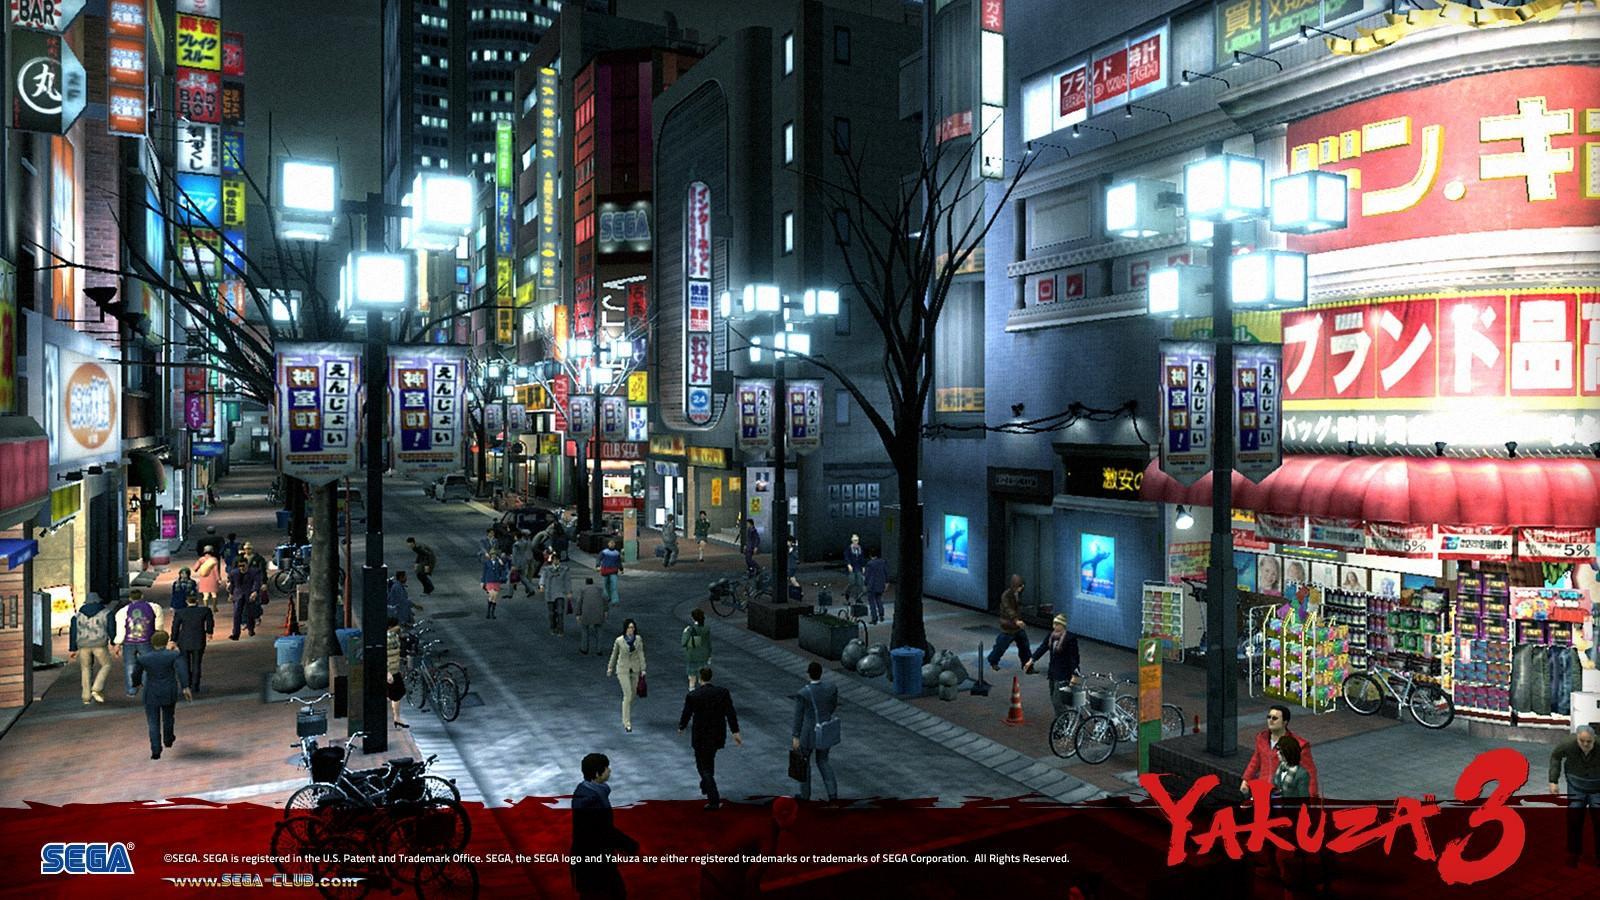 Yakuza 3 Wallpapers - Top Free Yakuza 3 Backgrounds